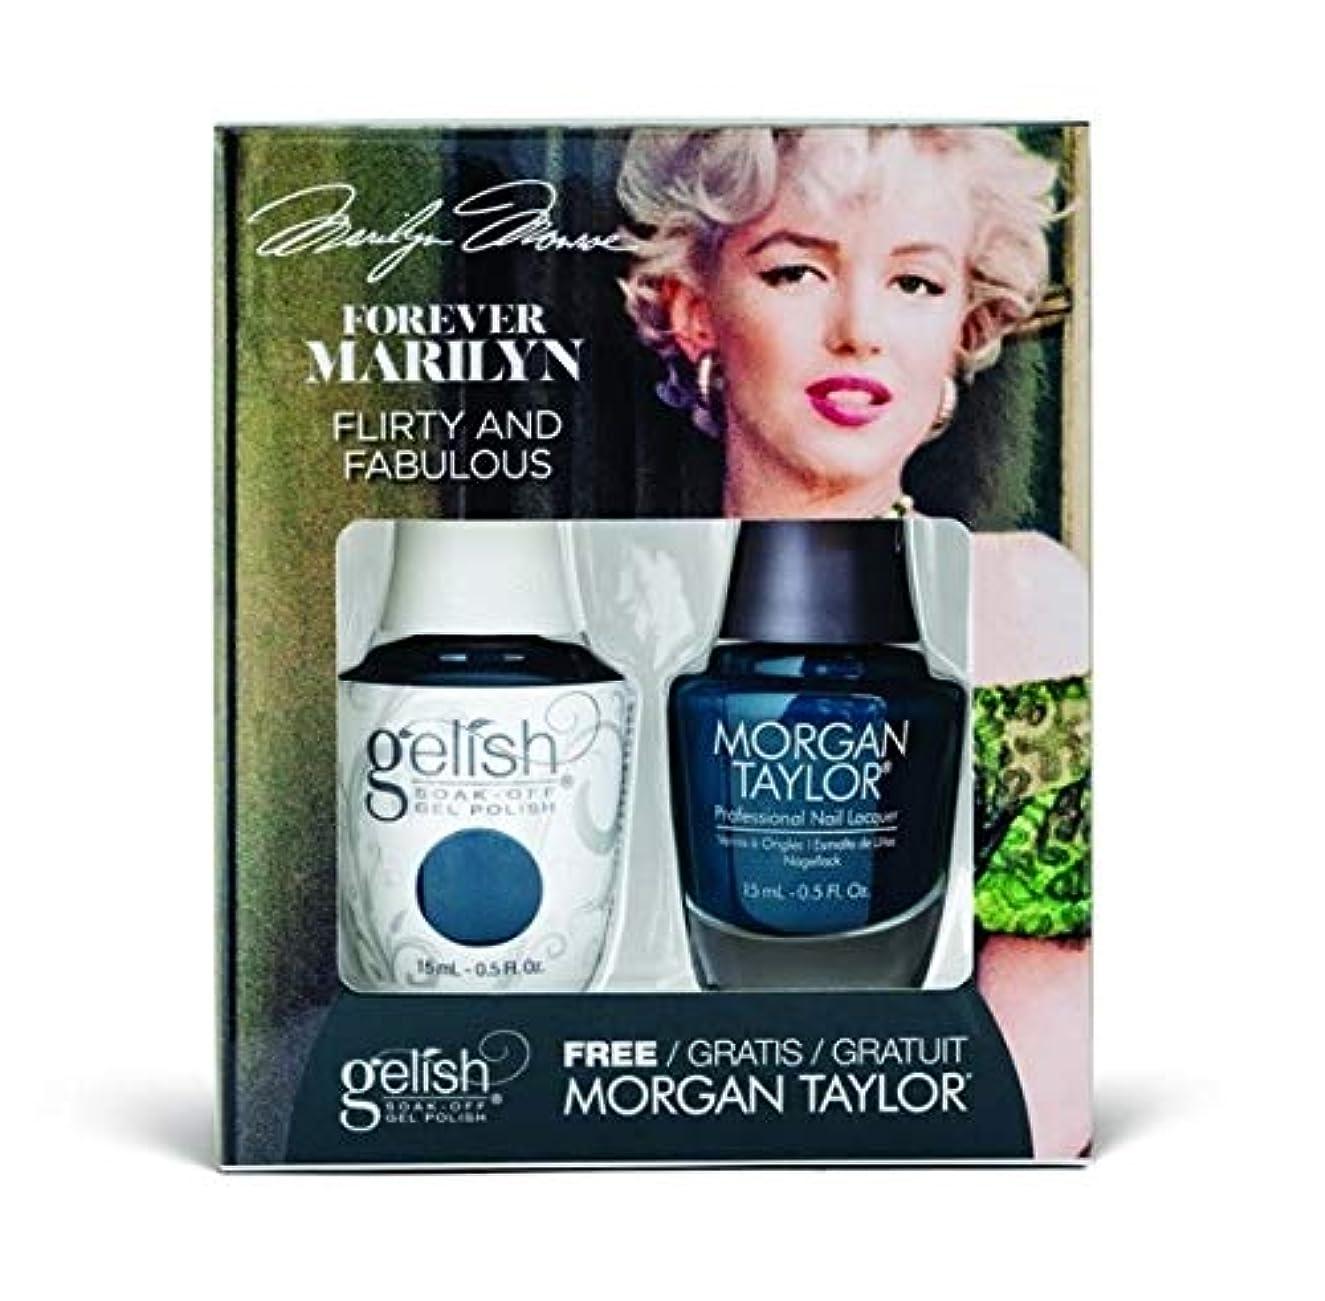 フクロウ学部公爵夫人Harmony Gelish - Two of a Kind - Forever Marilyn Fall 2019 Collection - Flirty and Fabulous - 15ml / 0.5oz